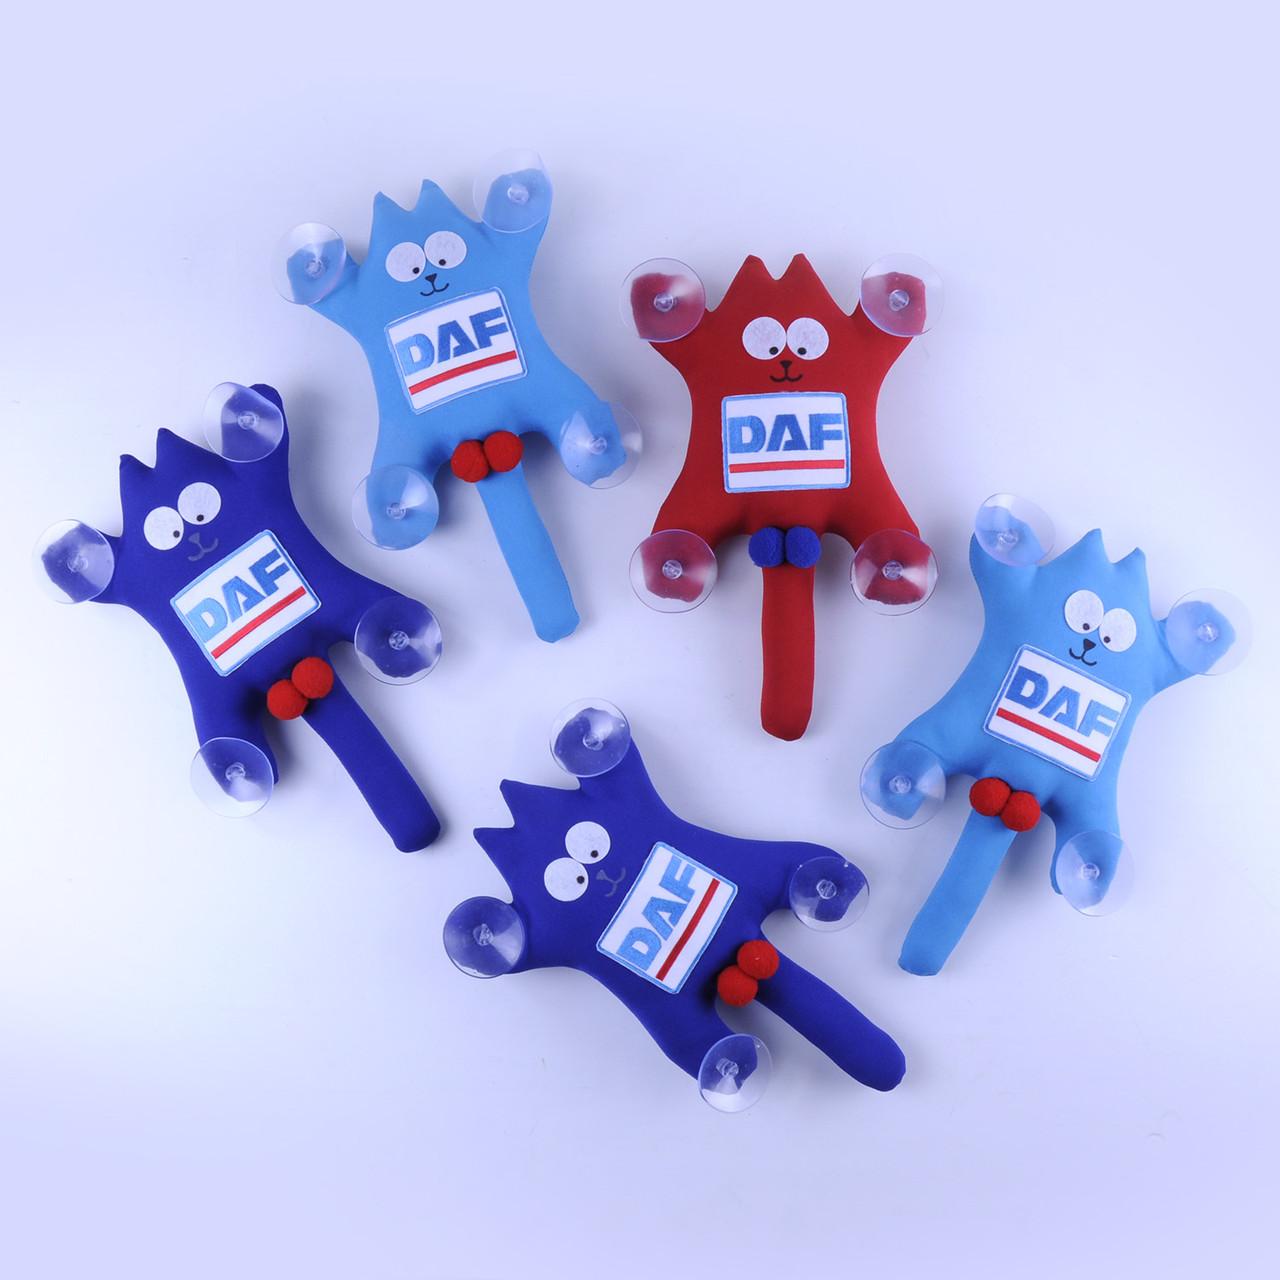 М'яка іграшка Кіт Саймон з лого DAF ручна робота